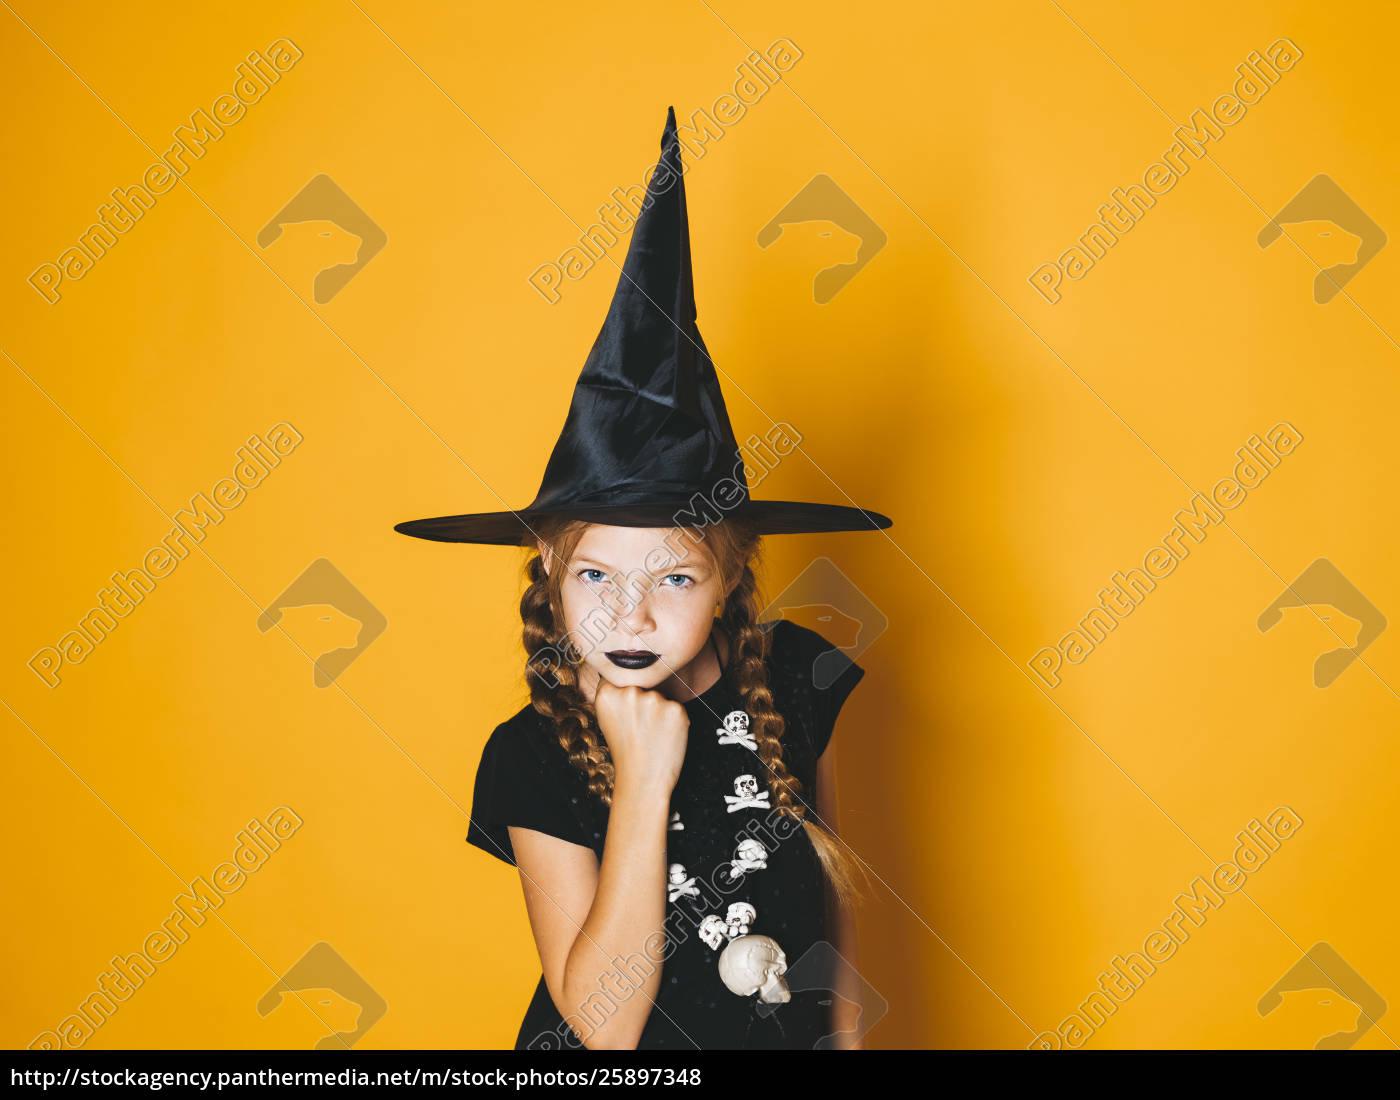 Lizenzfreies Foto 25897348 Junge Halloween Hexe Auf Orangefarbenem Hintergrund Mit